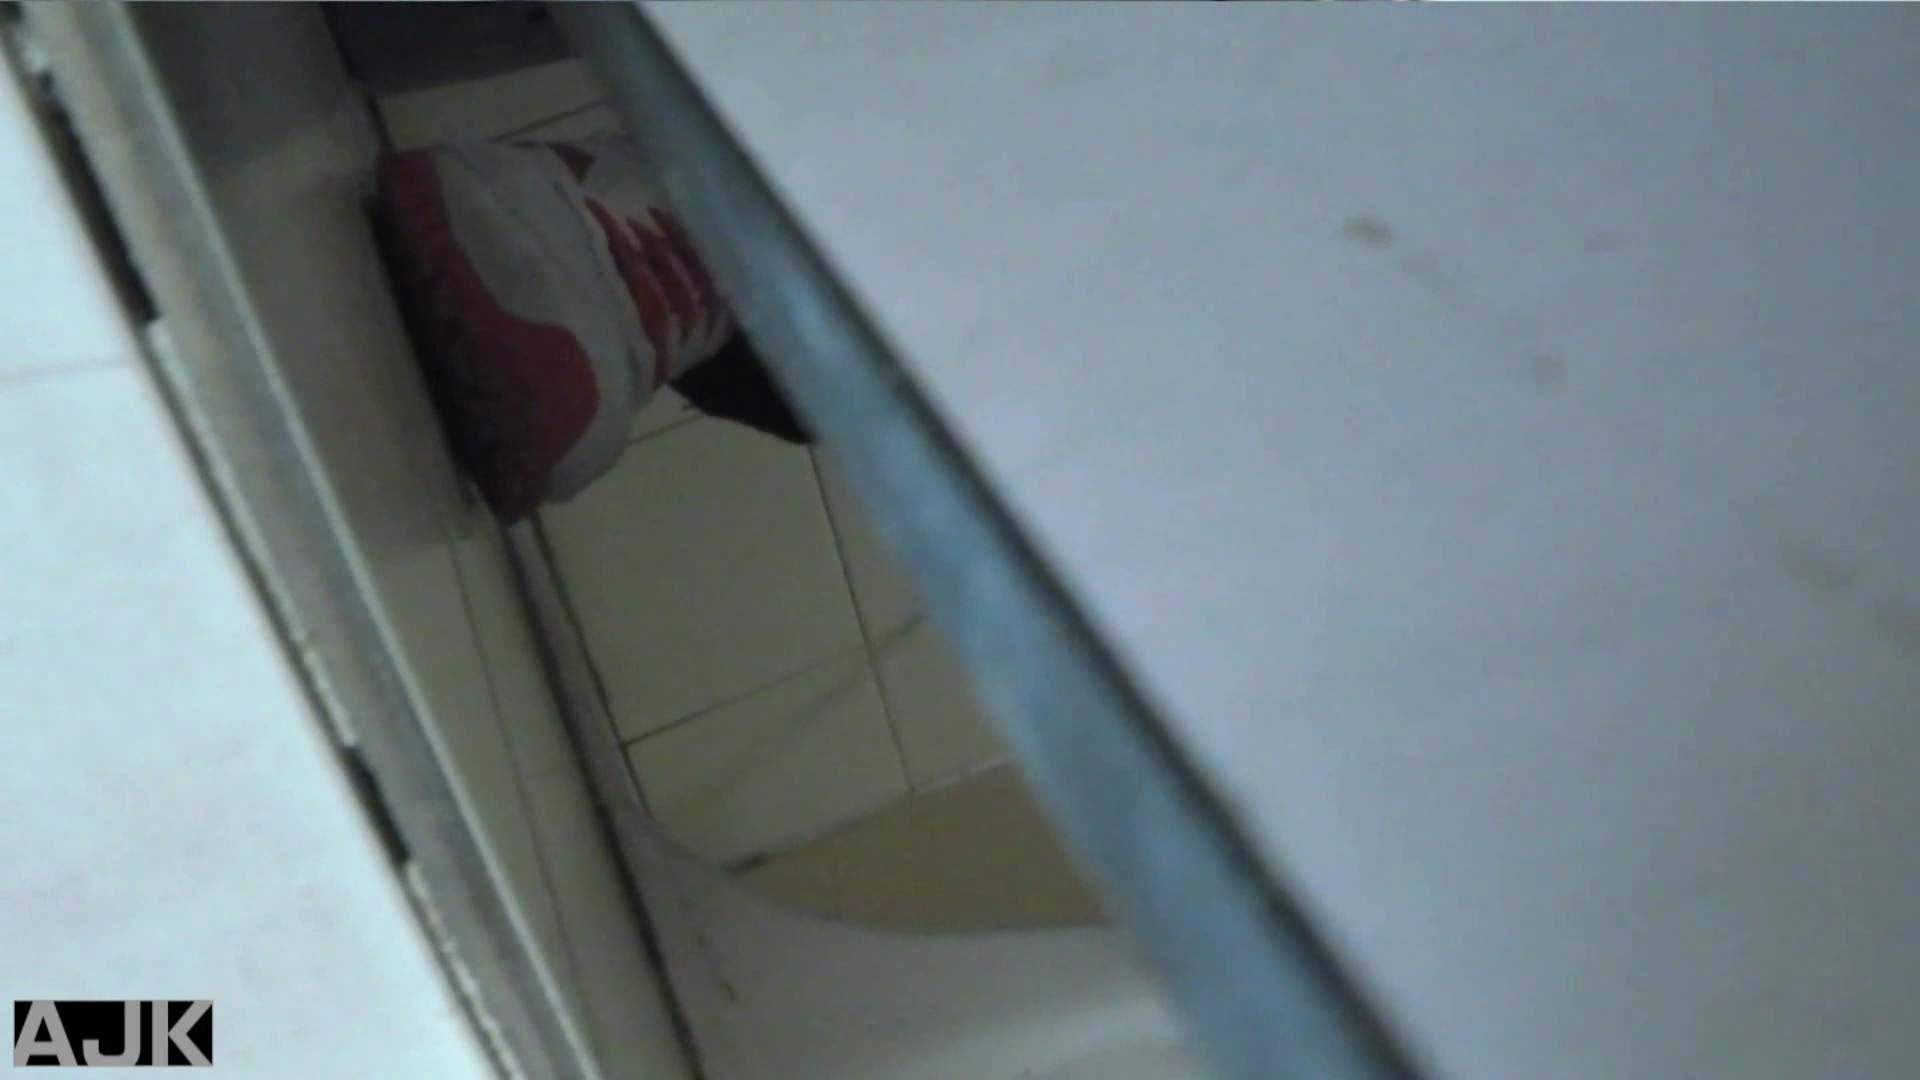 隣国上階級エリアの令嬢たちが集うデパートお手洗い Vol.03 お手洗い  98Pix 72